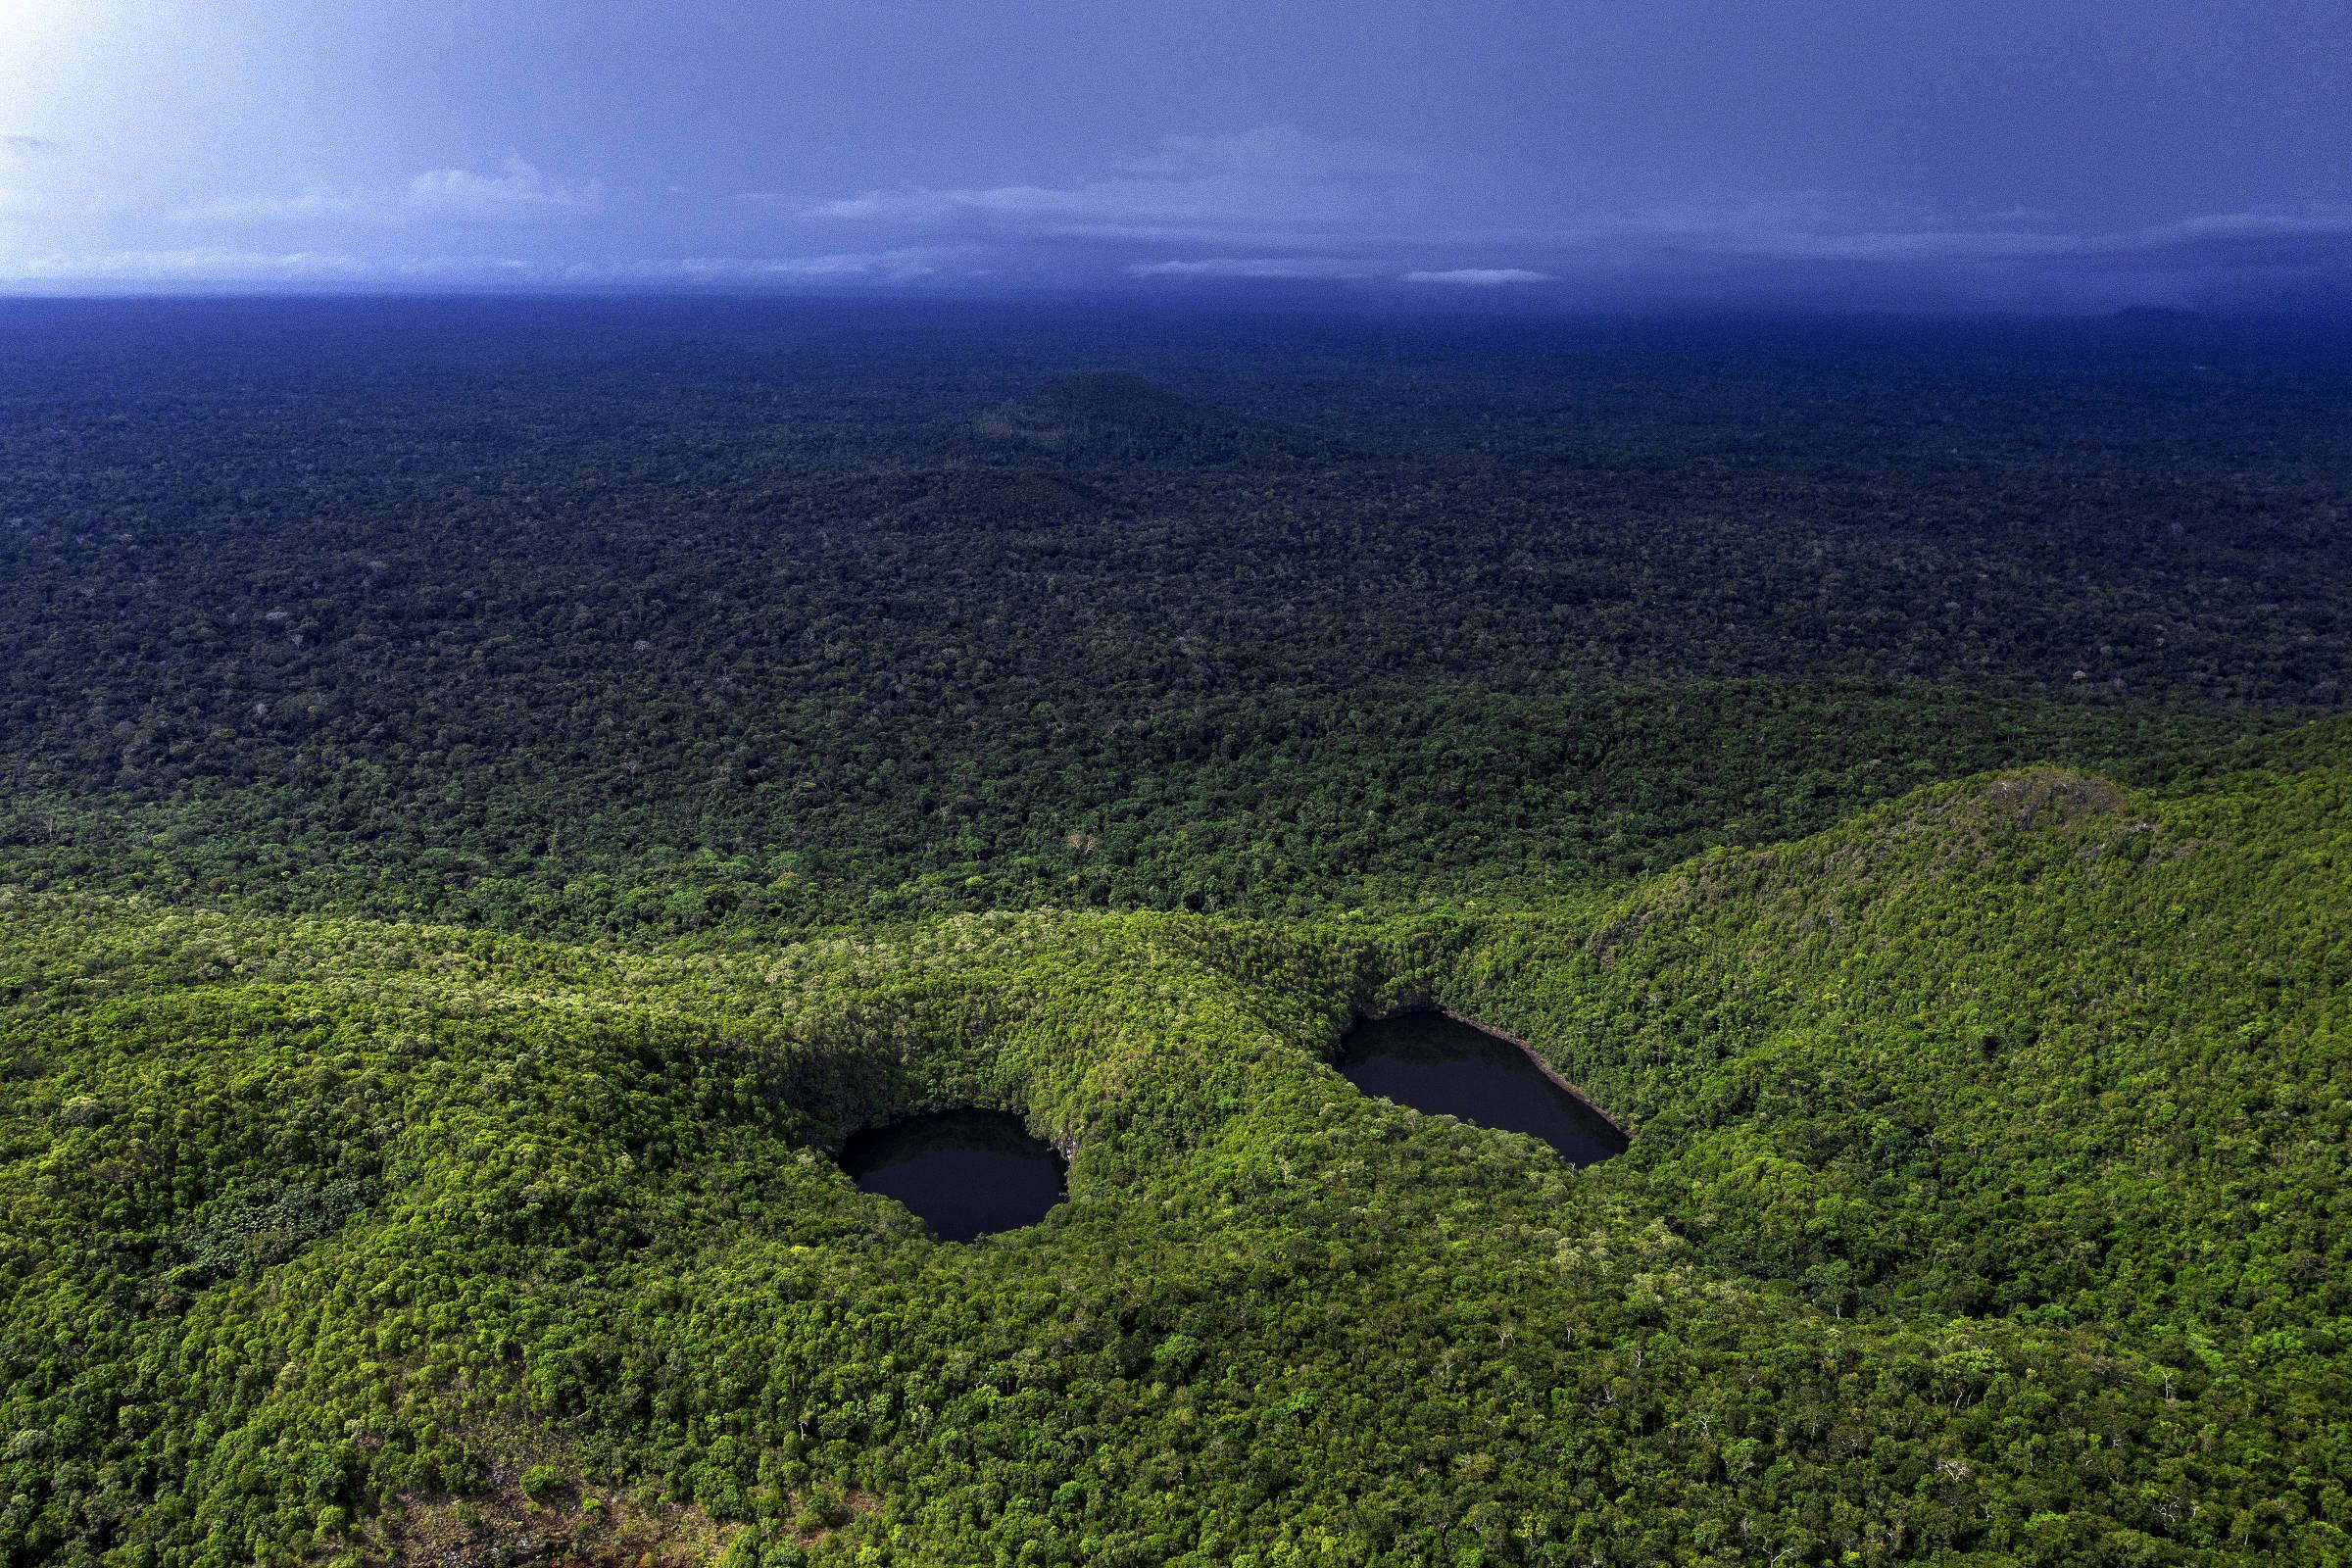 Vista aérea do lago na Reserva Biológica Morro dos Seis Lagos